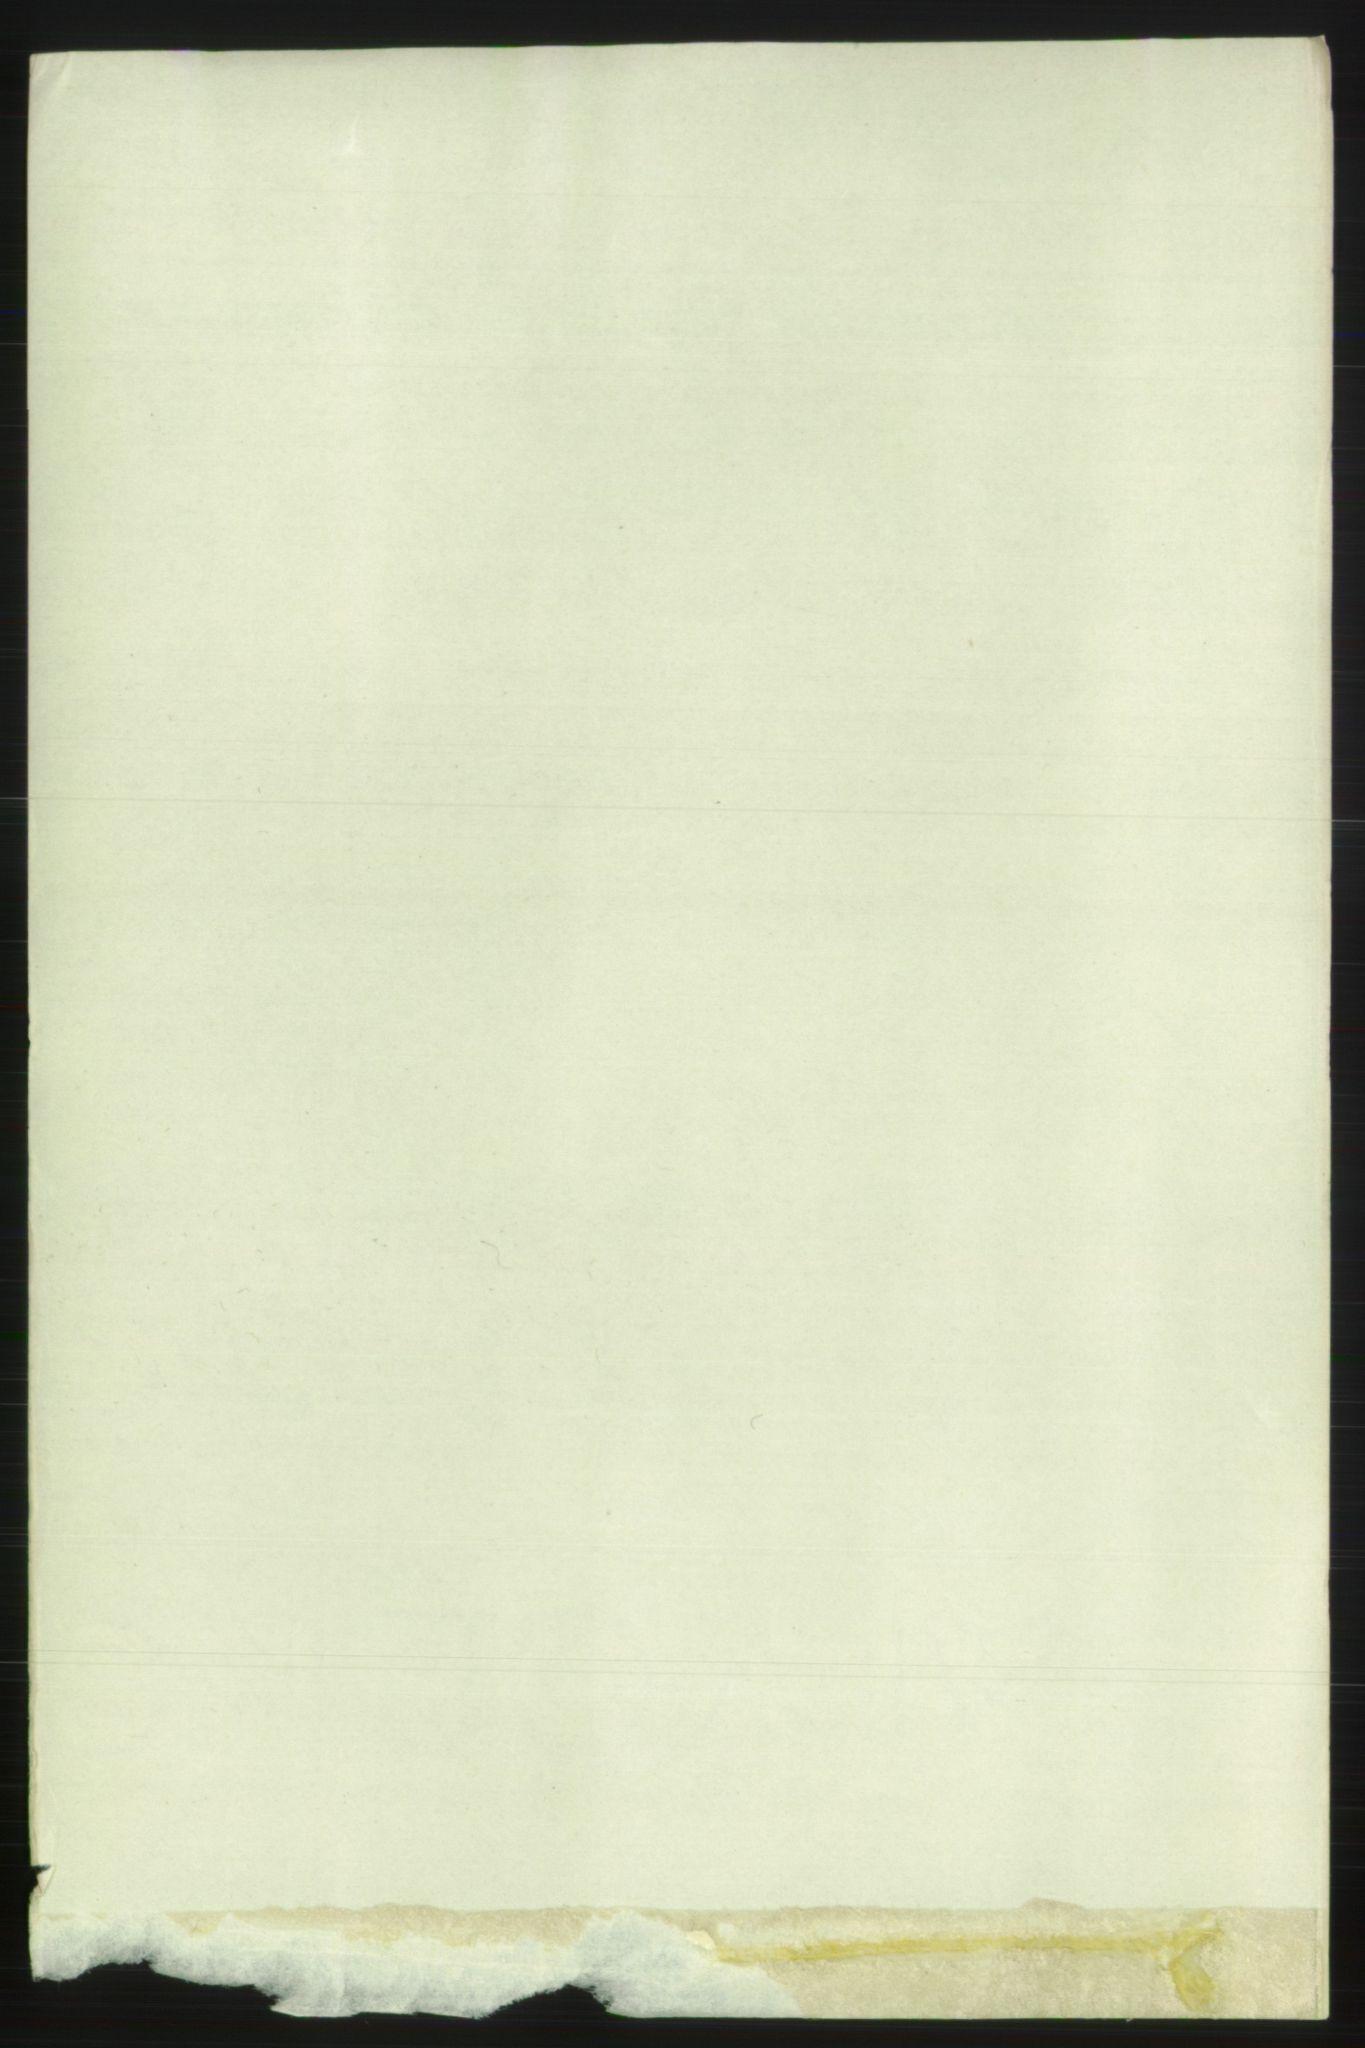 RA, Folketelling 1891 for 0102 Sarpsborg kjøpstad, 1891, s. 2187